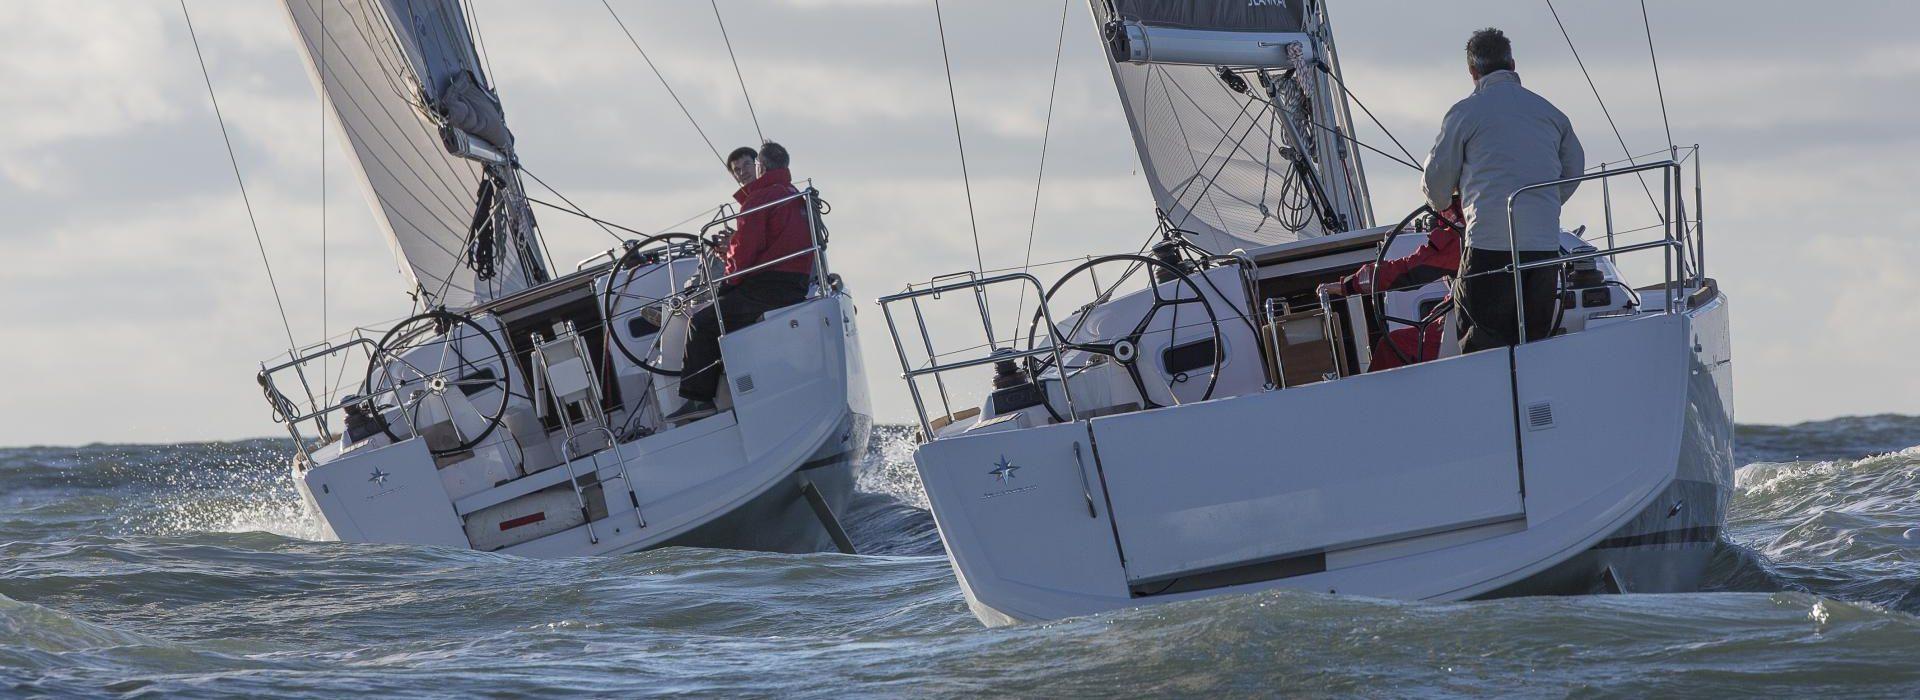 Jenenneau Sun Odyssey 349 two cruising